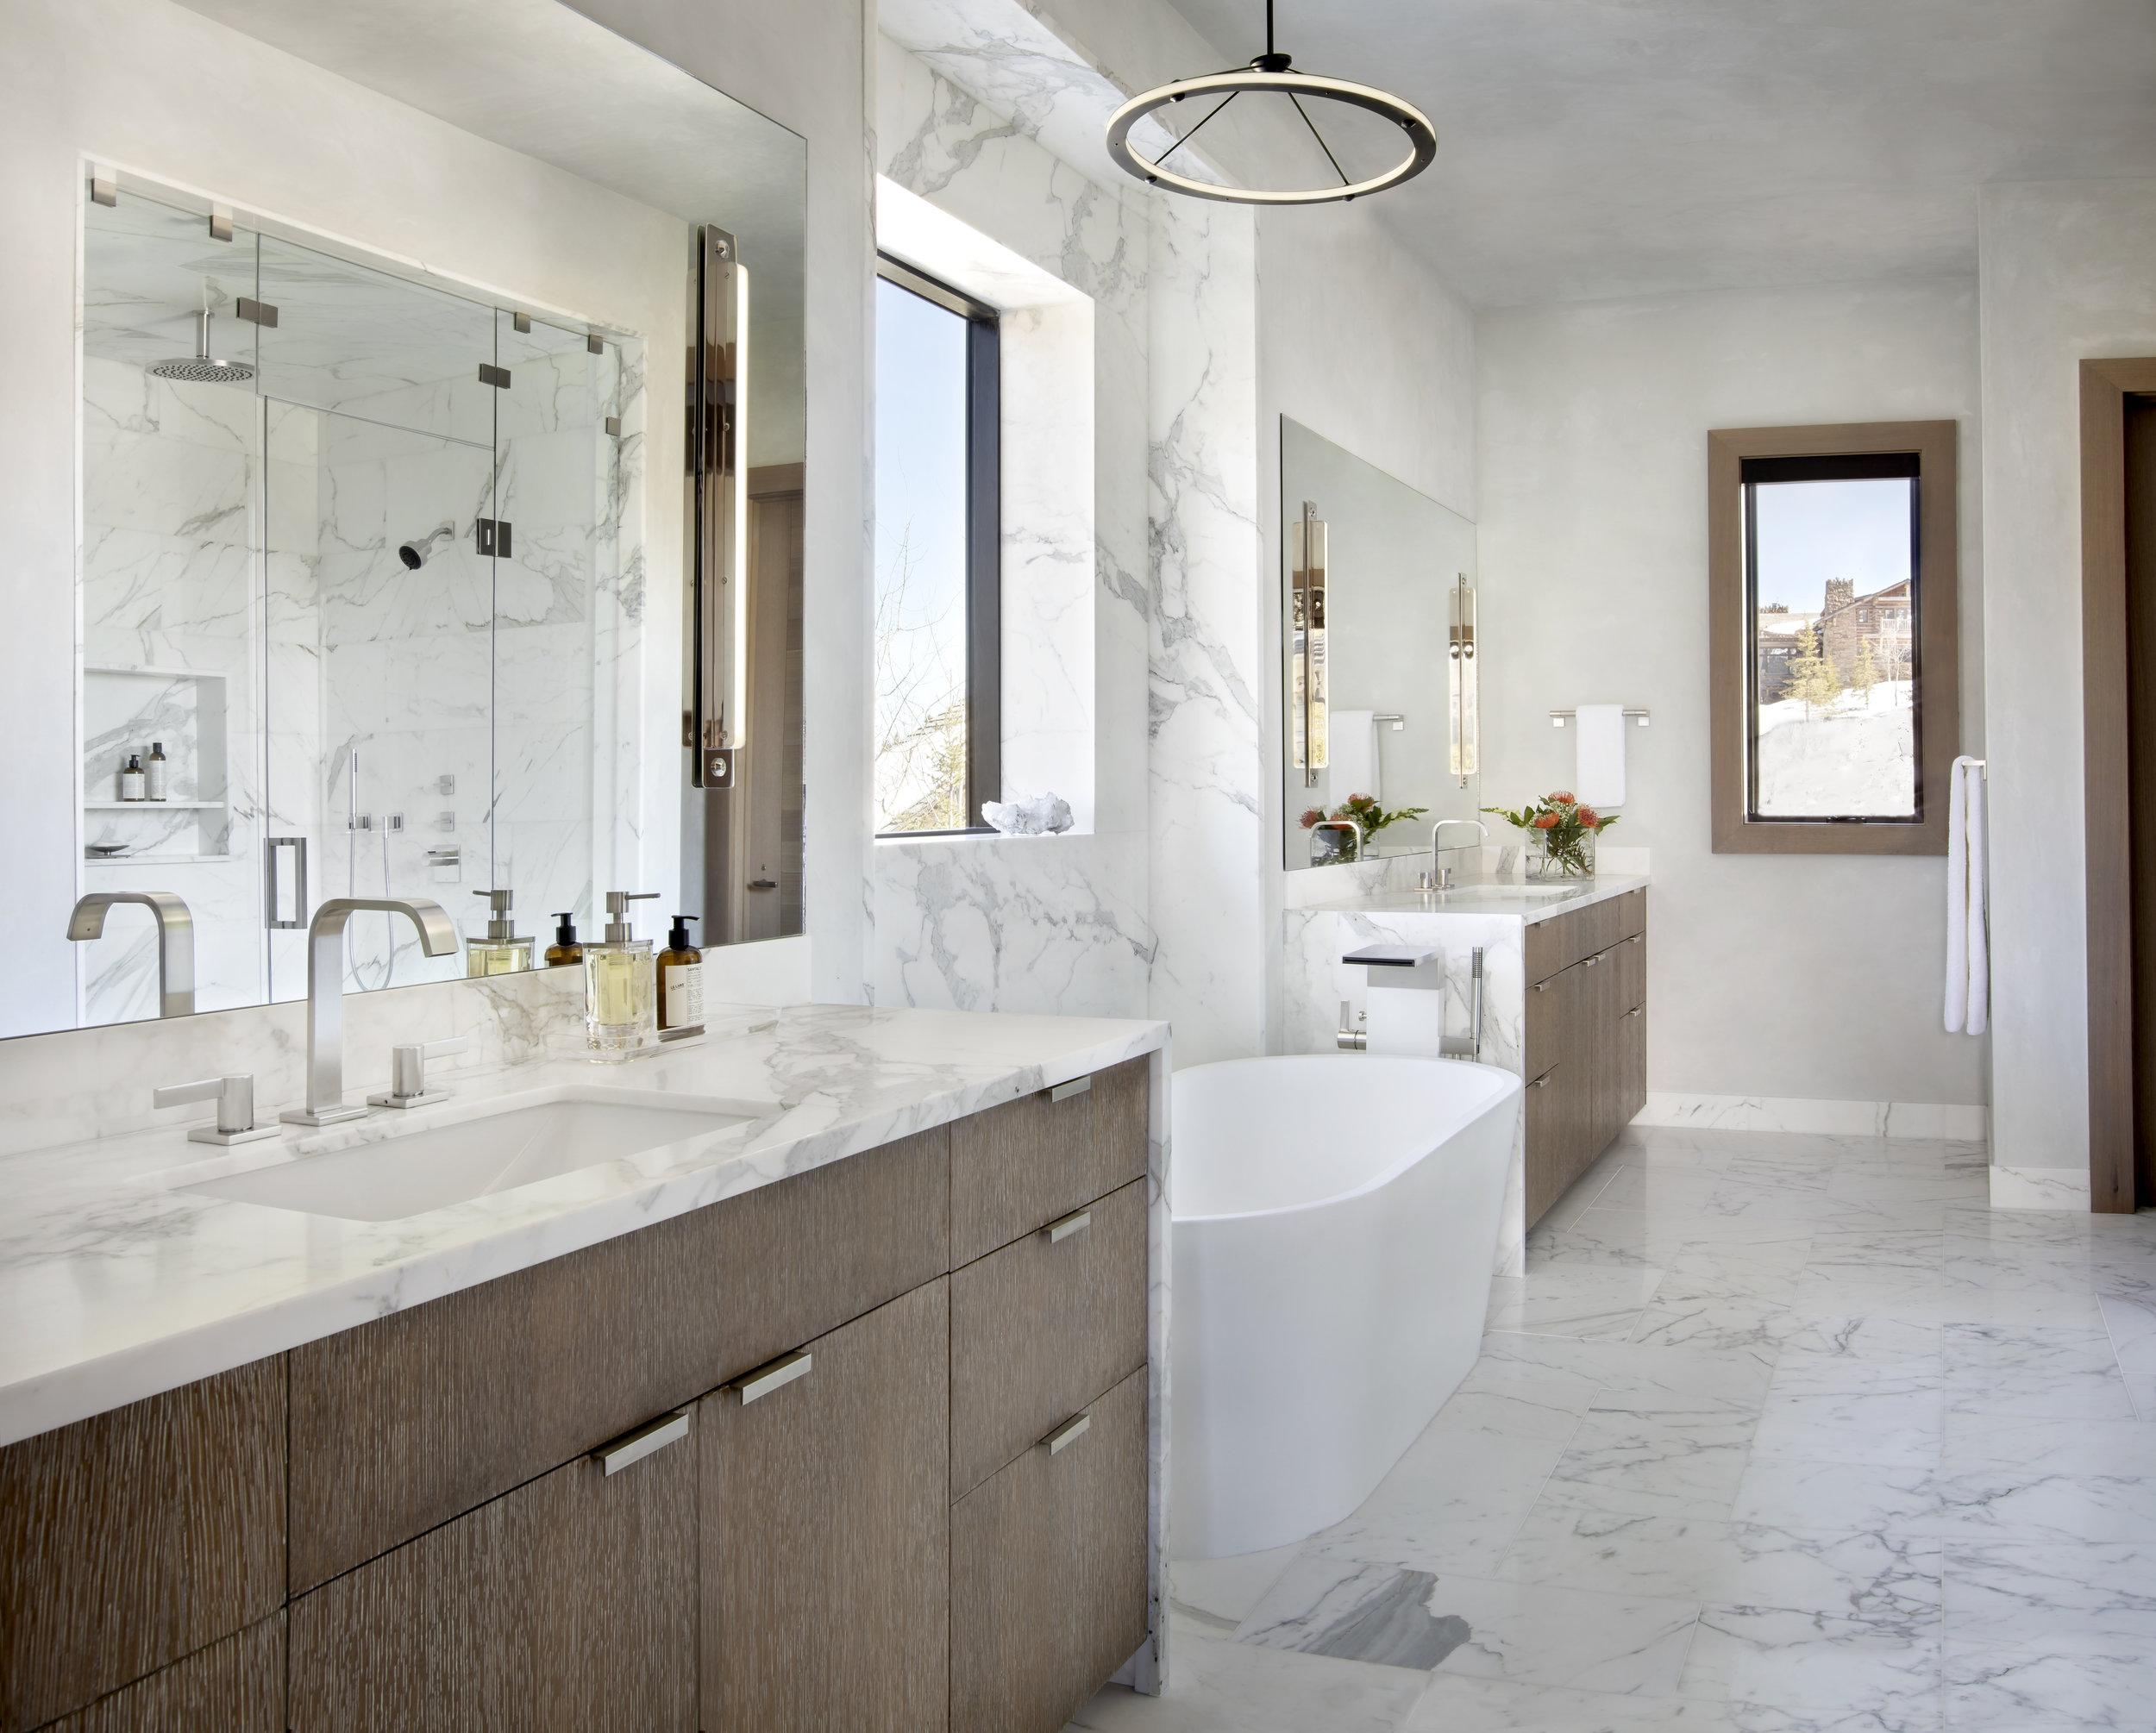 Tile, Slab, Plumbing Fixtures, Lighting, Bath Hardware | Earth Elements